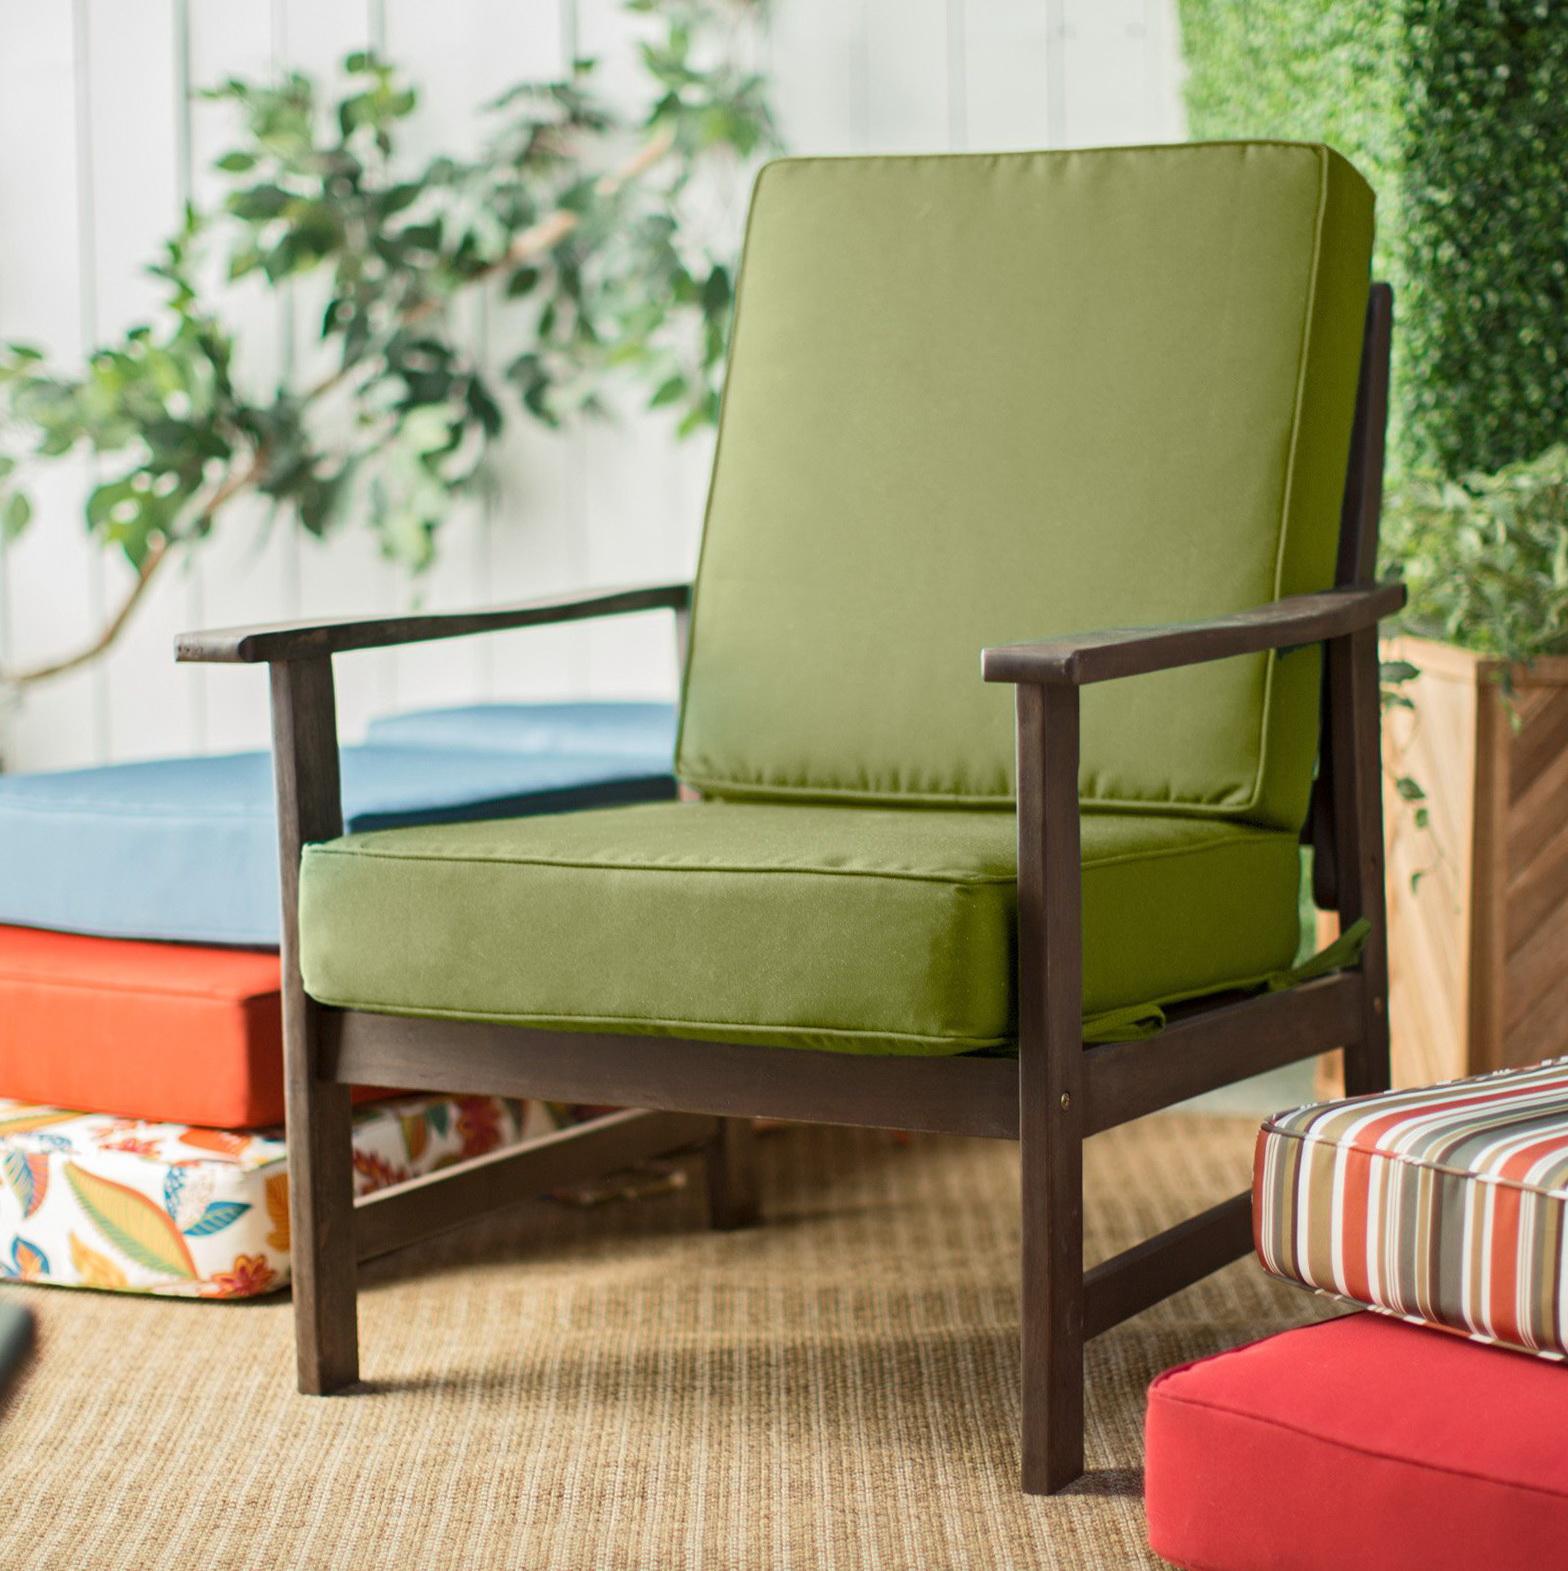 Walmart Outdoor Chair Cushions Clearance Home Design Ideas